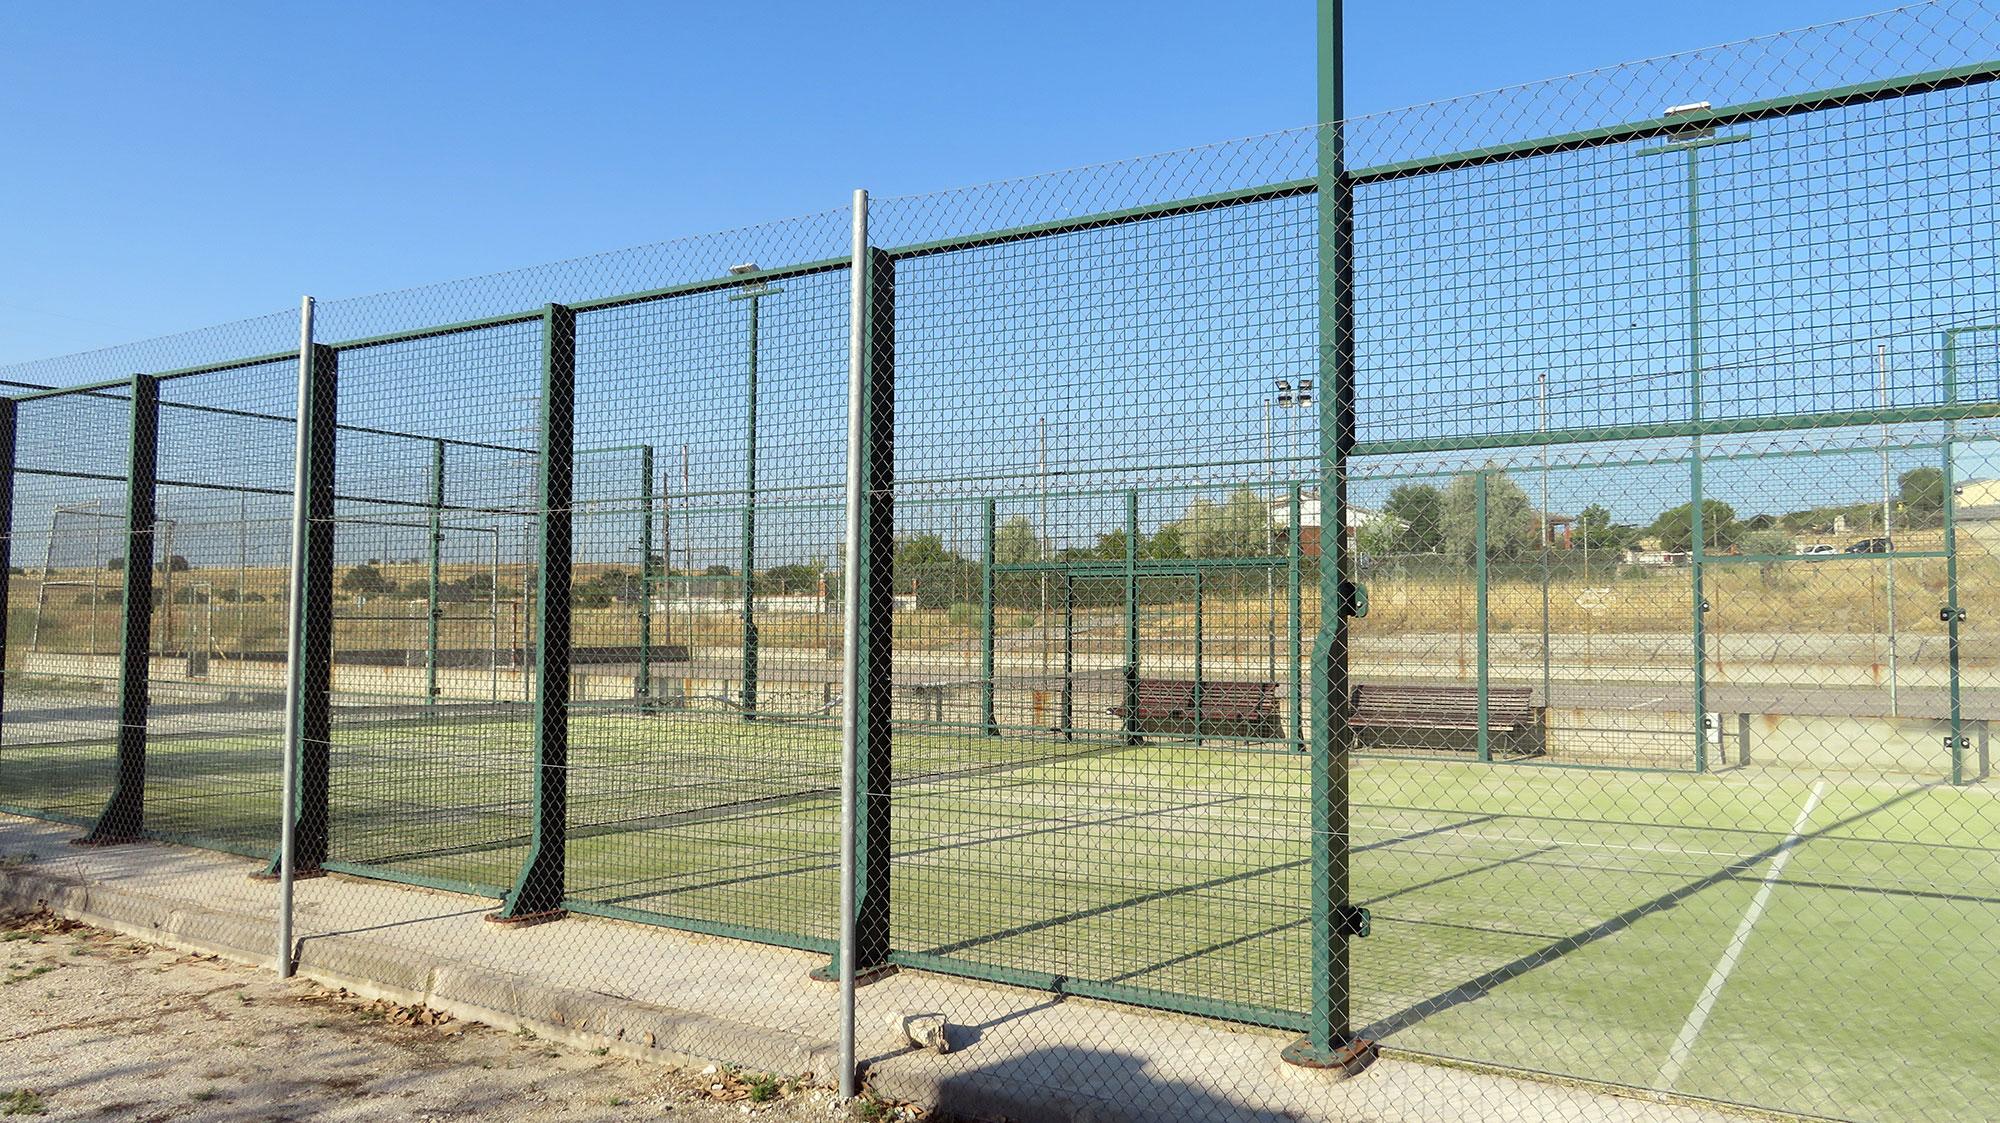 Área de Deporte - Pista de pádel -  Ayuntamiento de Paredes de Escalona